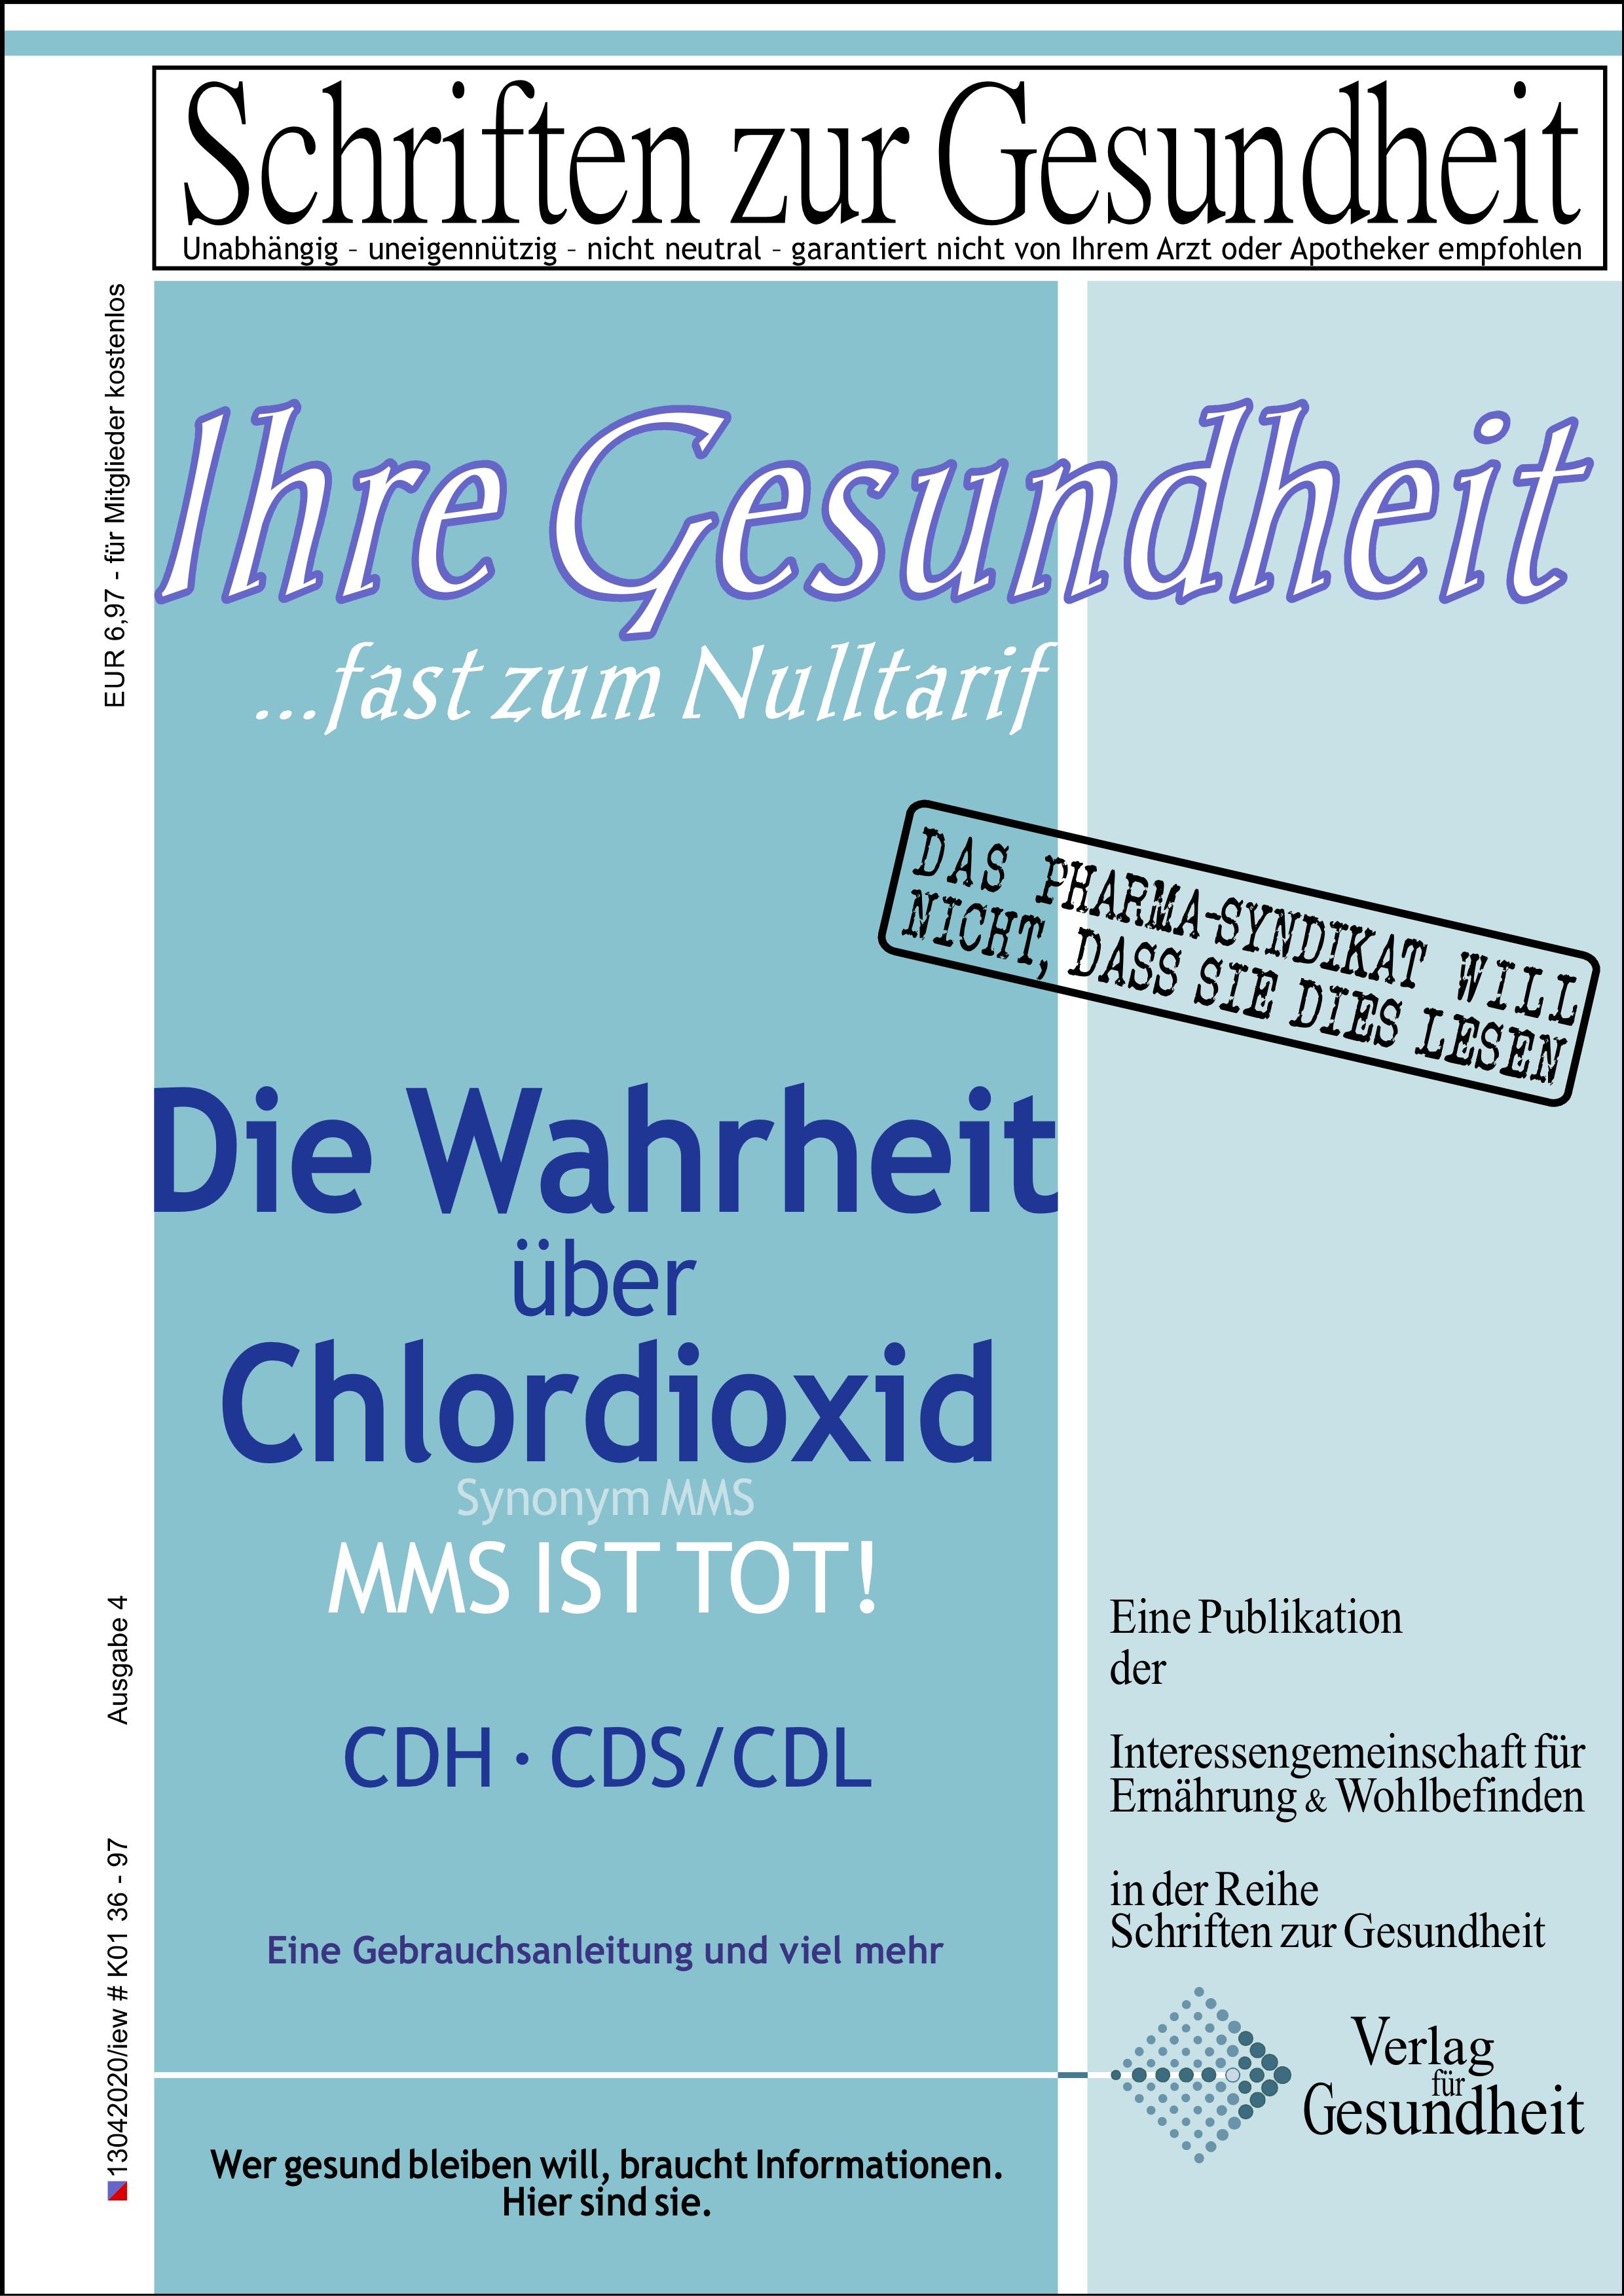 Ratgeber Chlordioxid - April 2020